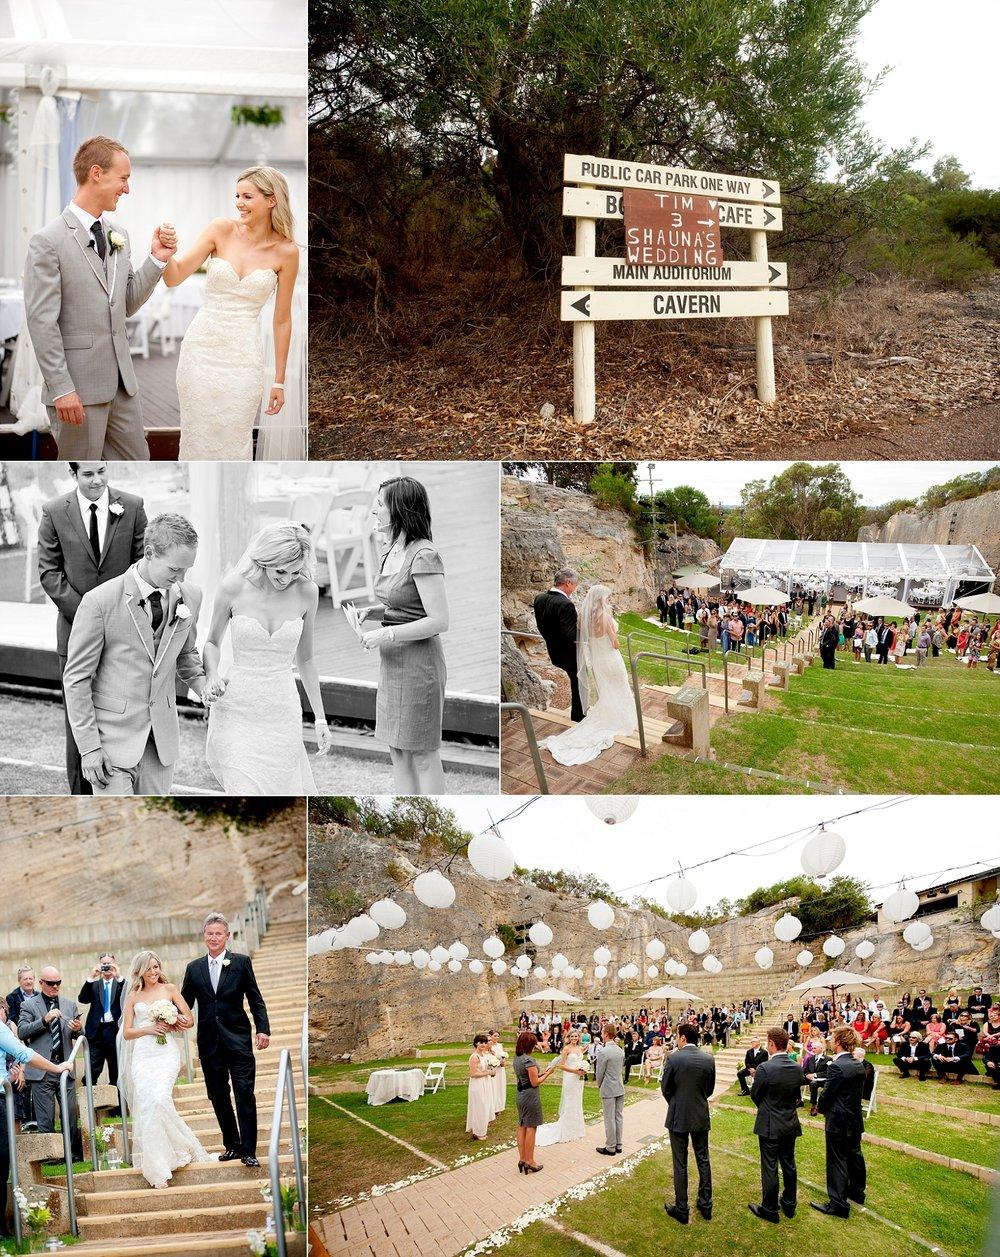 quarry amphitheatre perth wedding ceremony